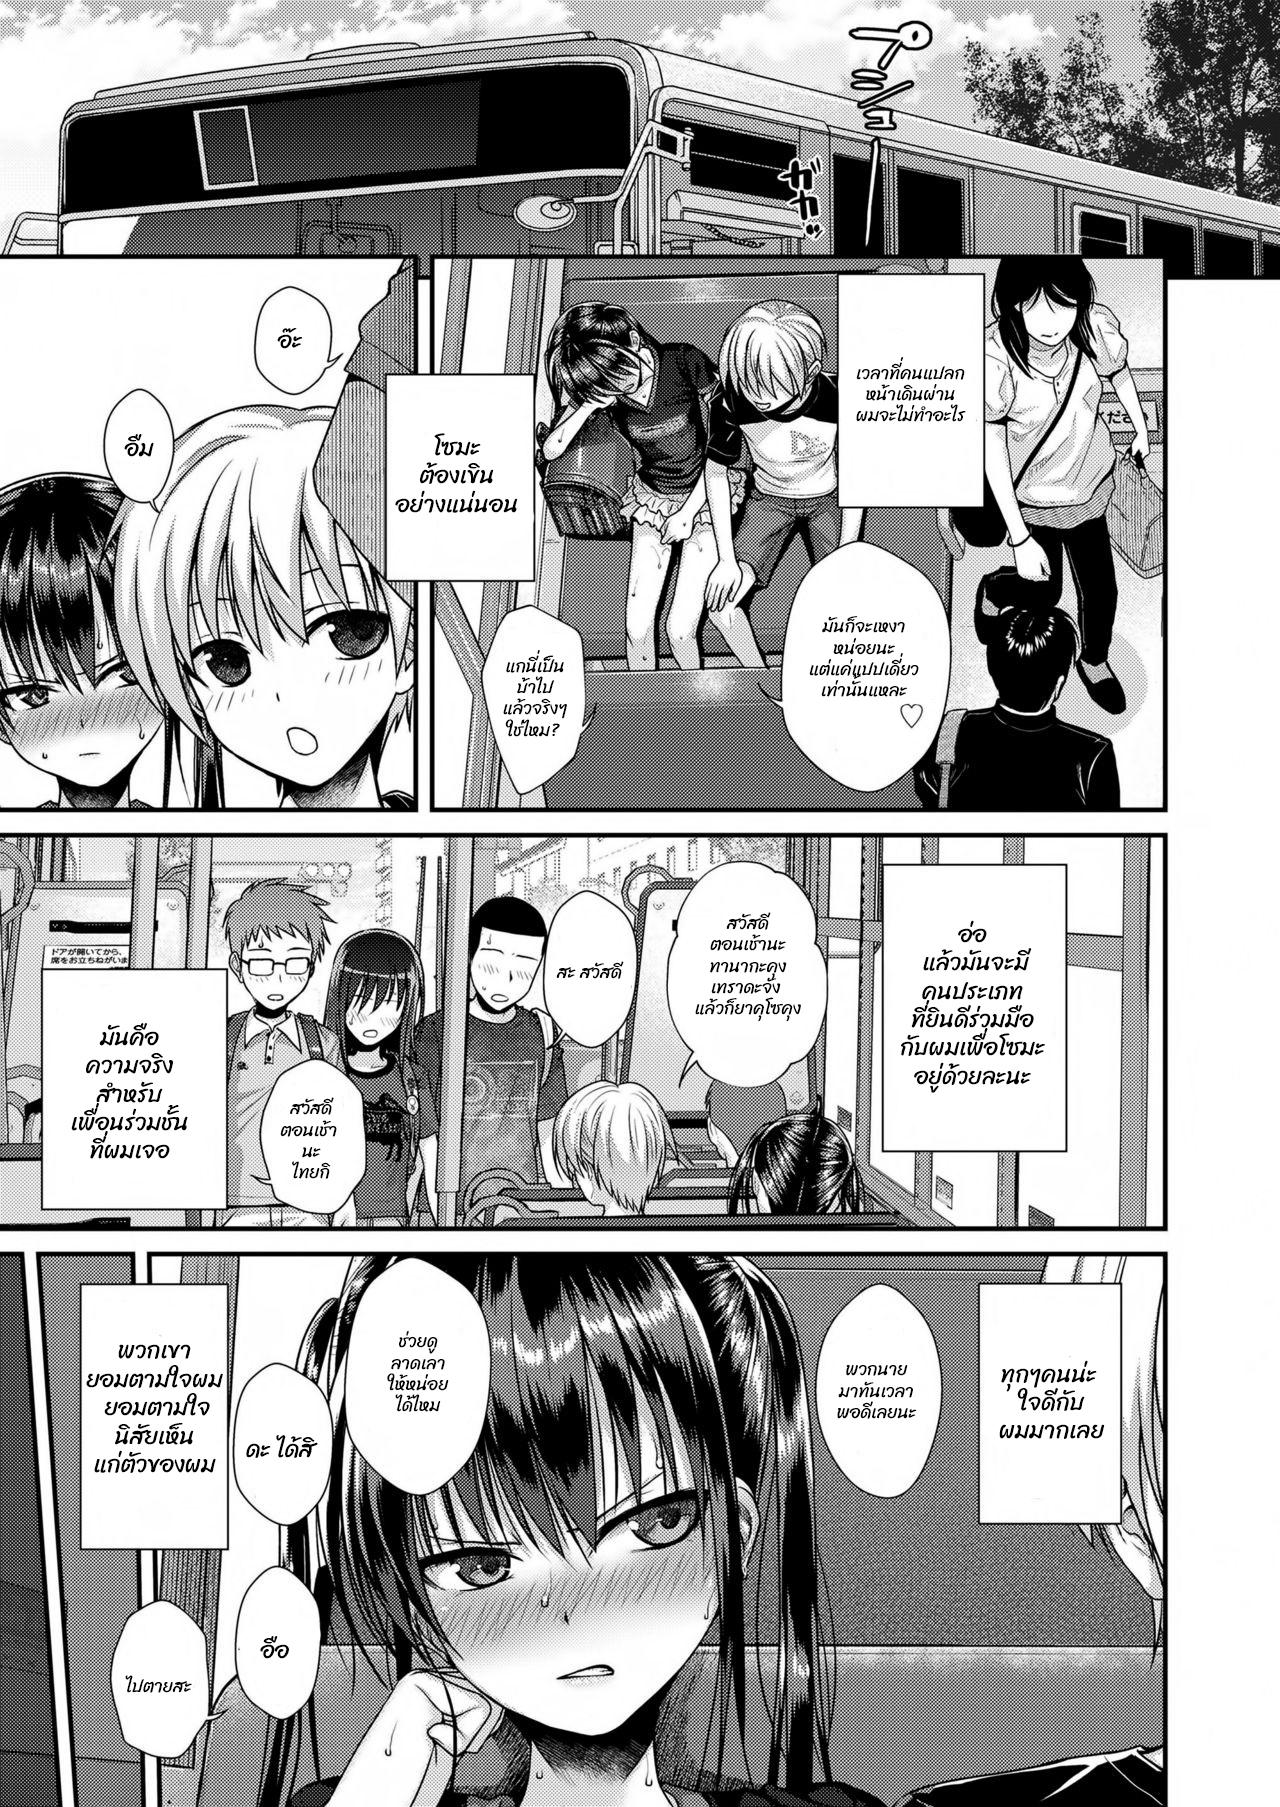 ทาสรักโซมะจัง 2 ภาพ 8